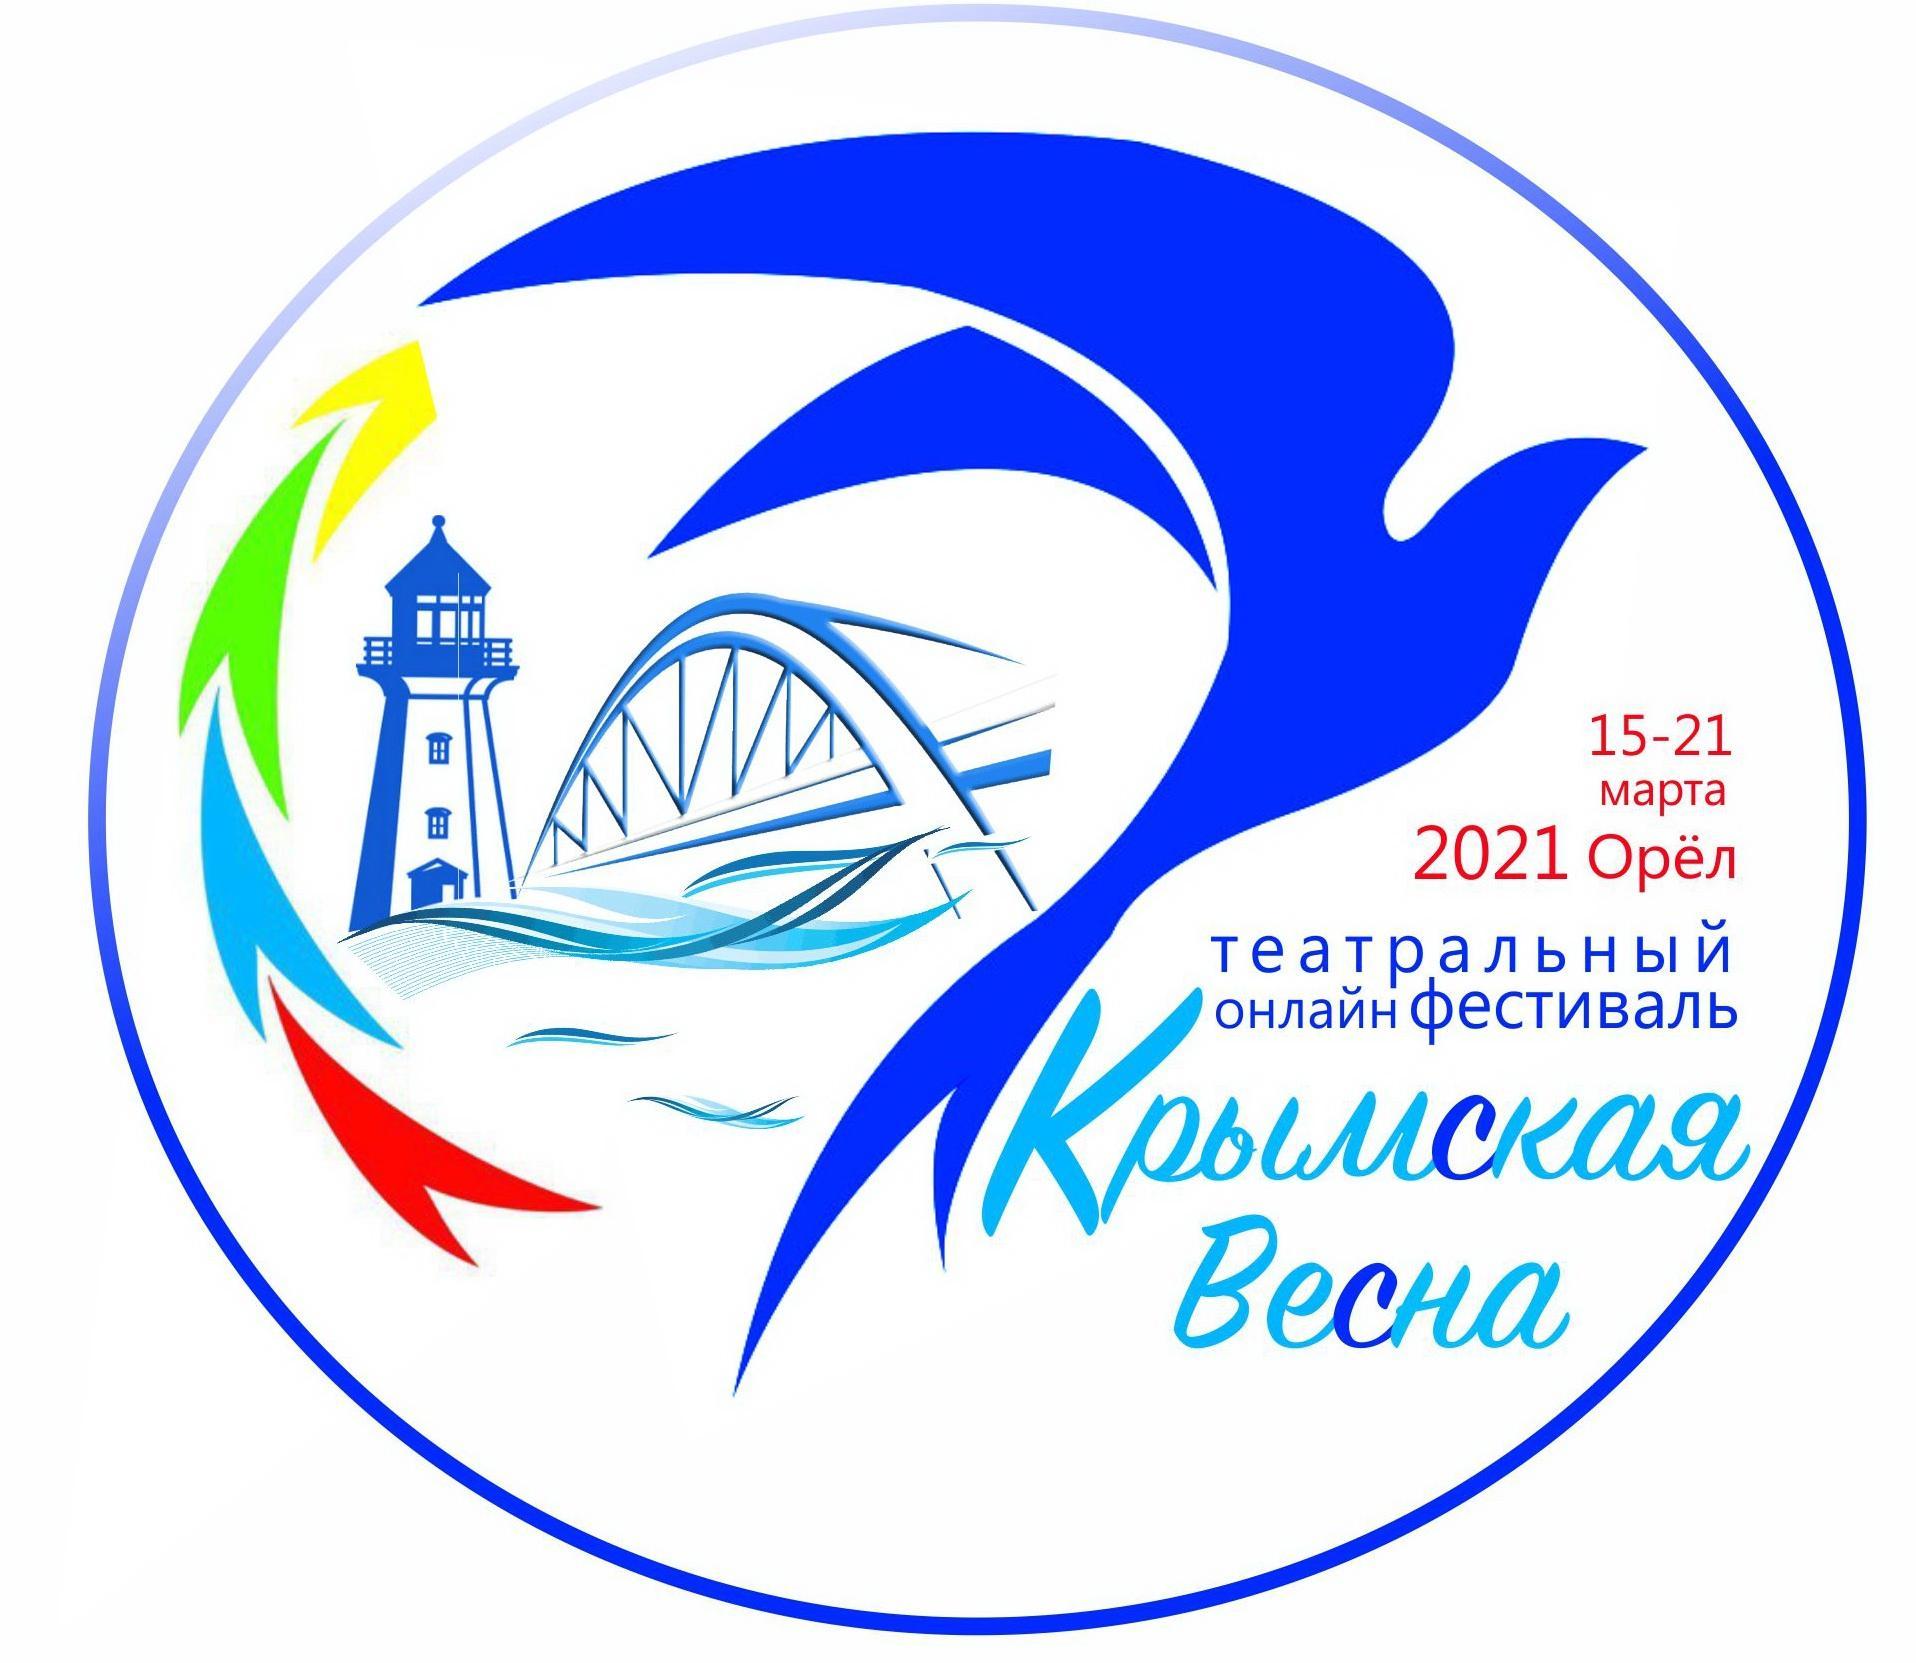 Лого Крымская весна_1